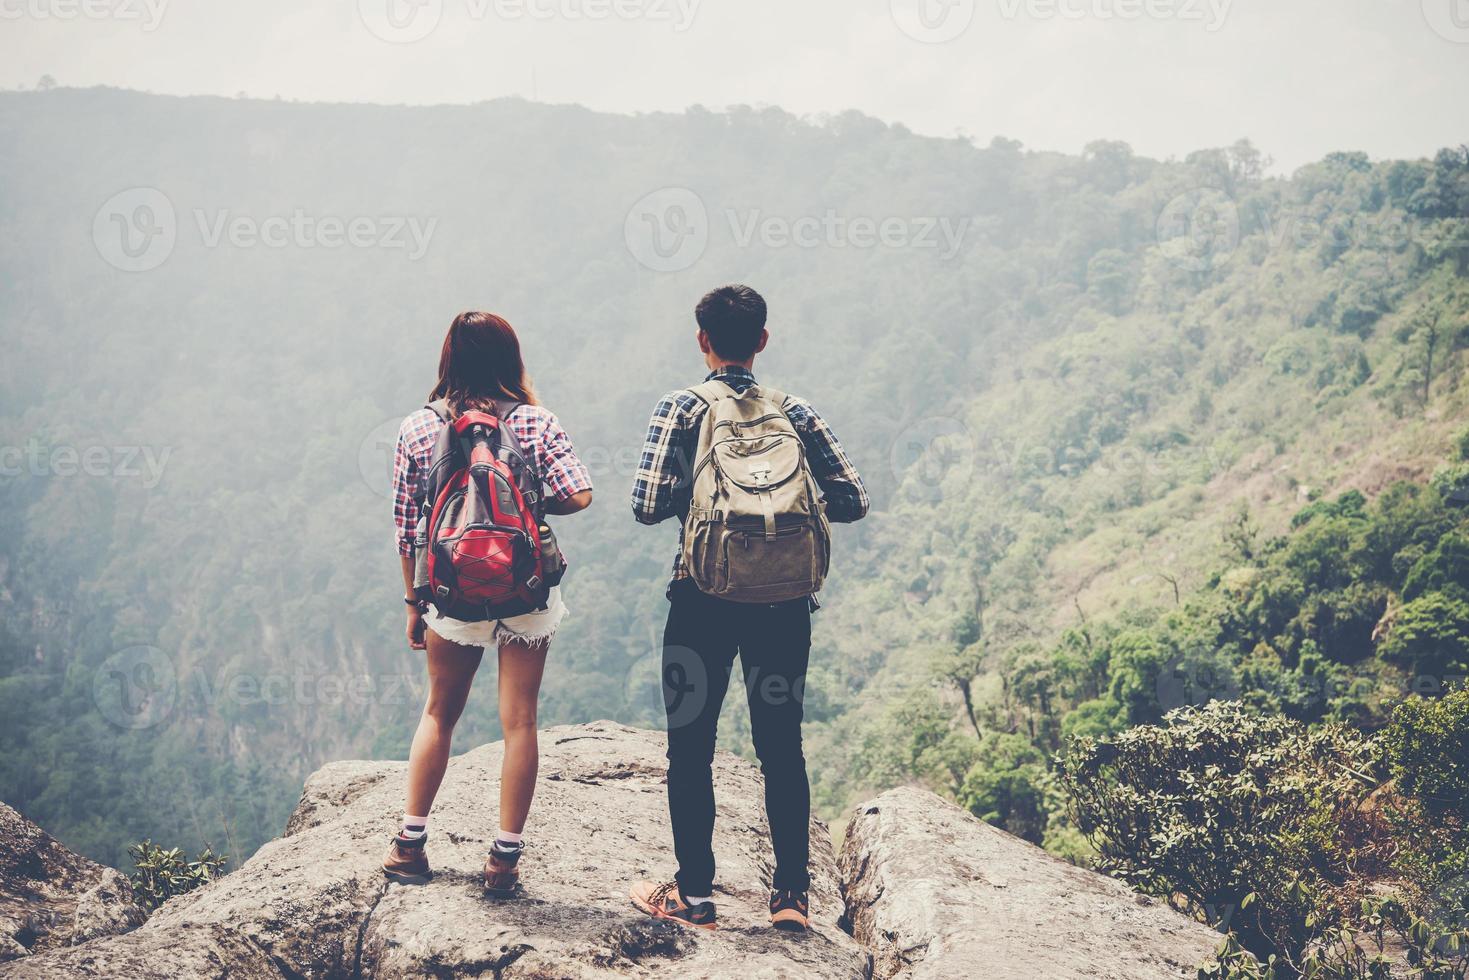 Wanderpaar mit Rucksäcken, die oben auf einem Berg stehen und Naturblick genießen foto